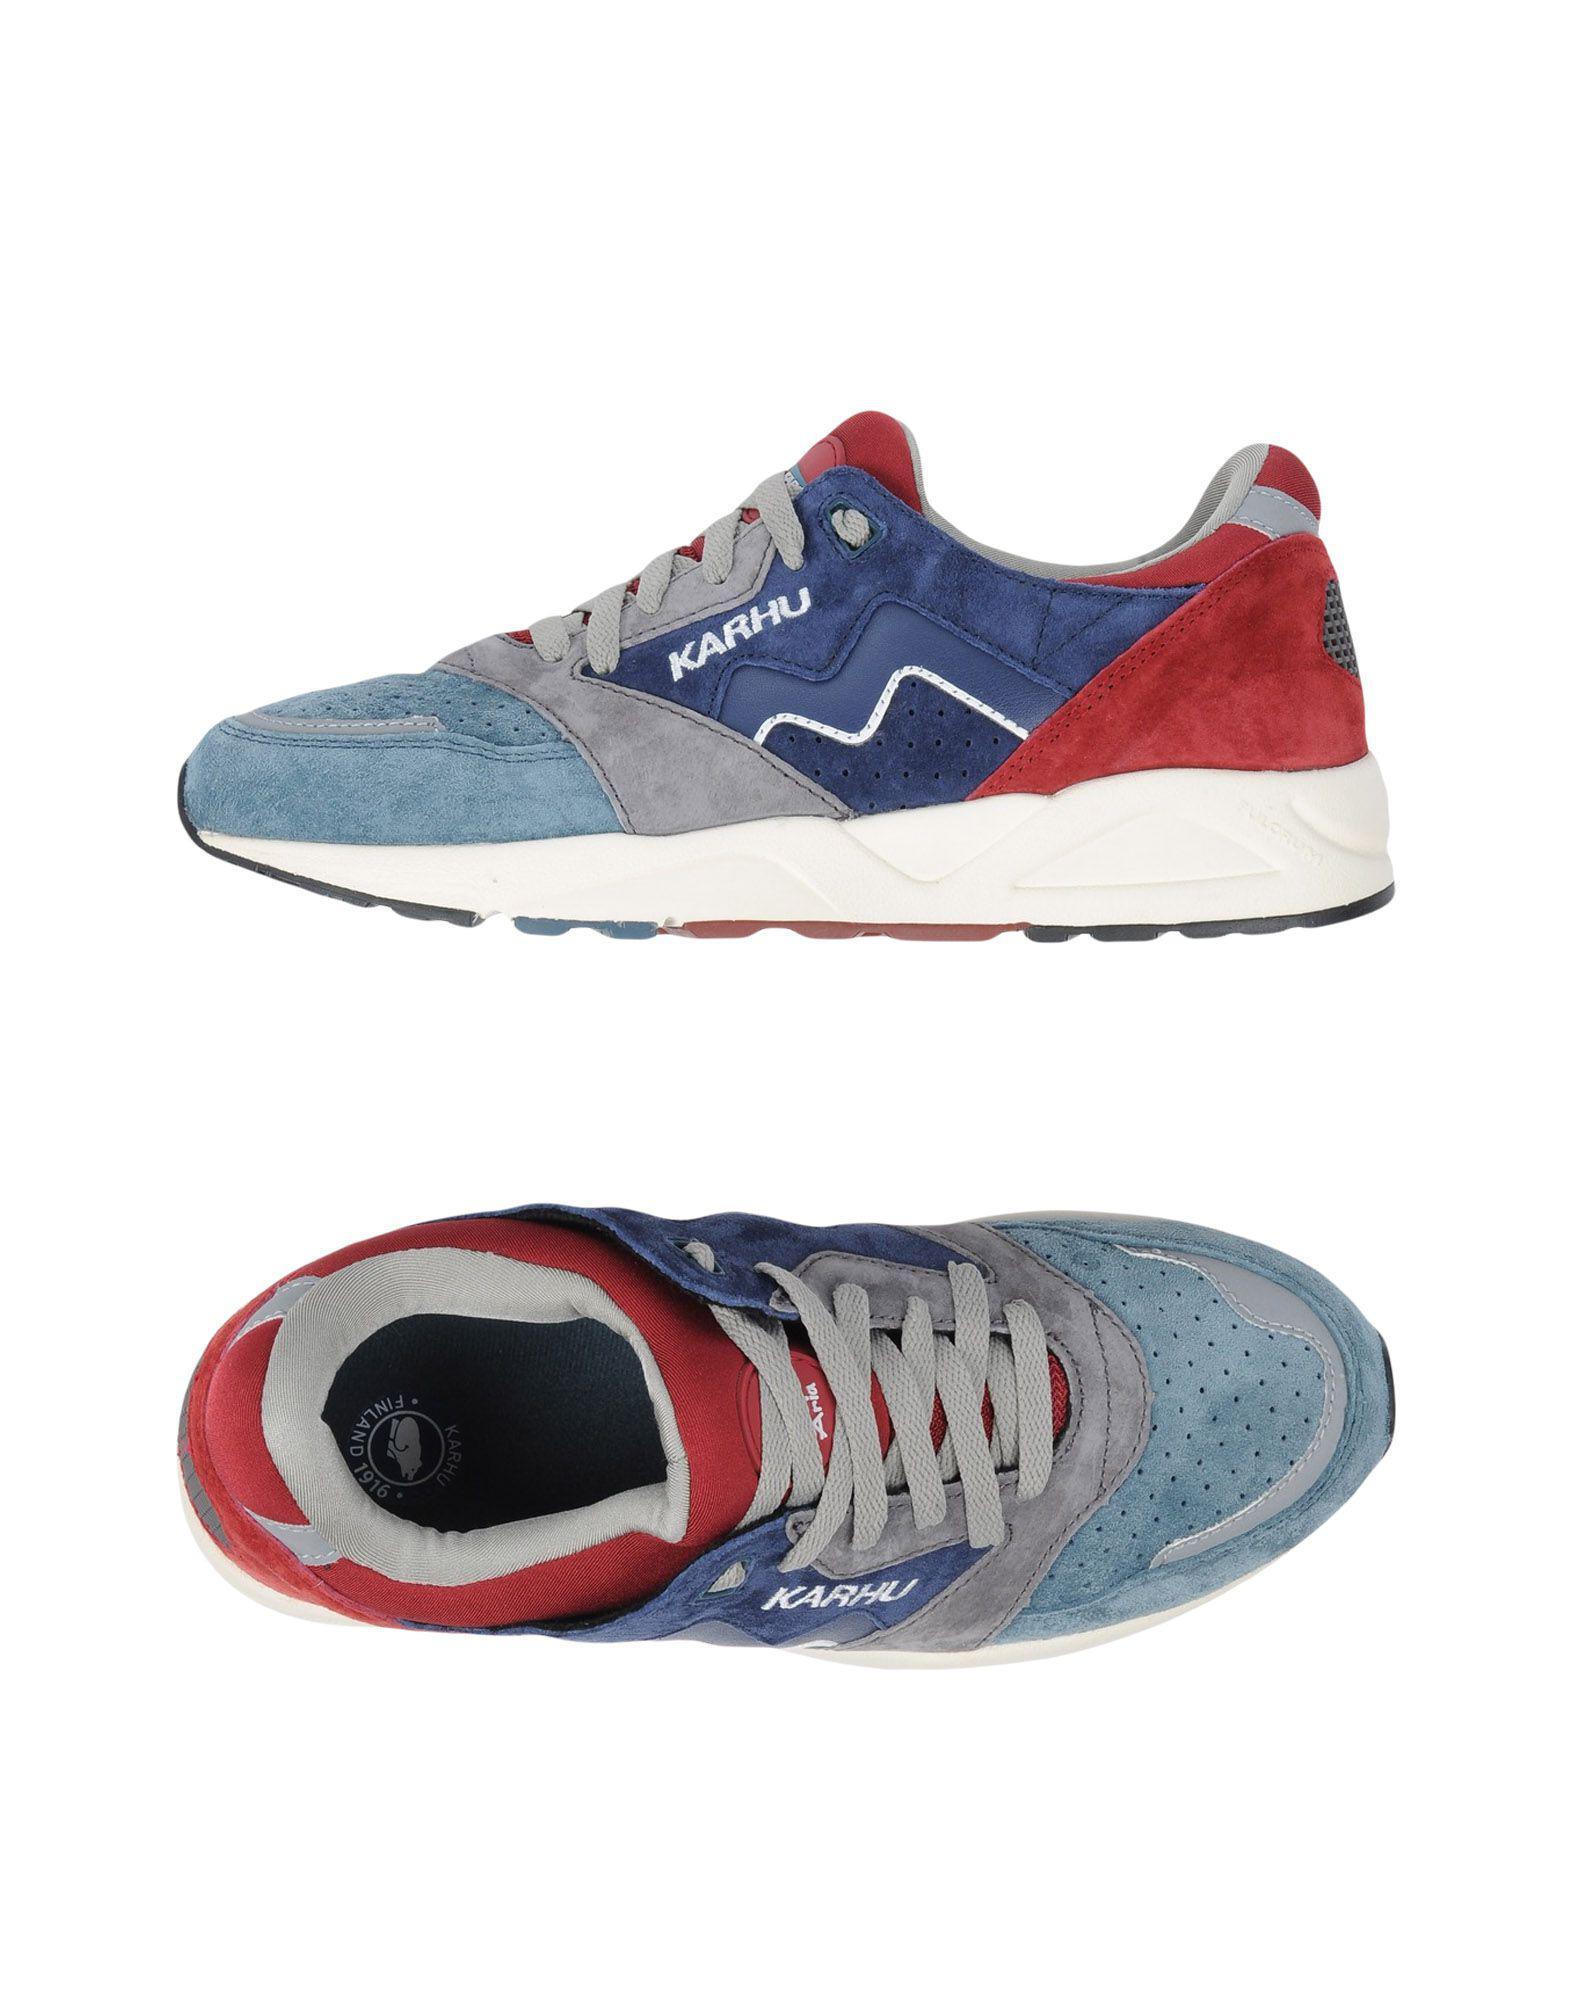 FOOTWEAR - Low-tops & sneakers Karhu 1dj3Nh